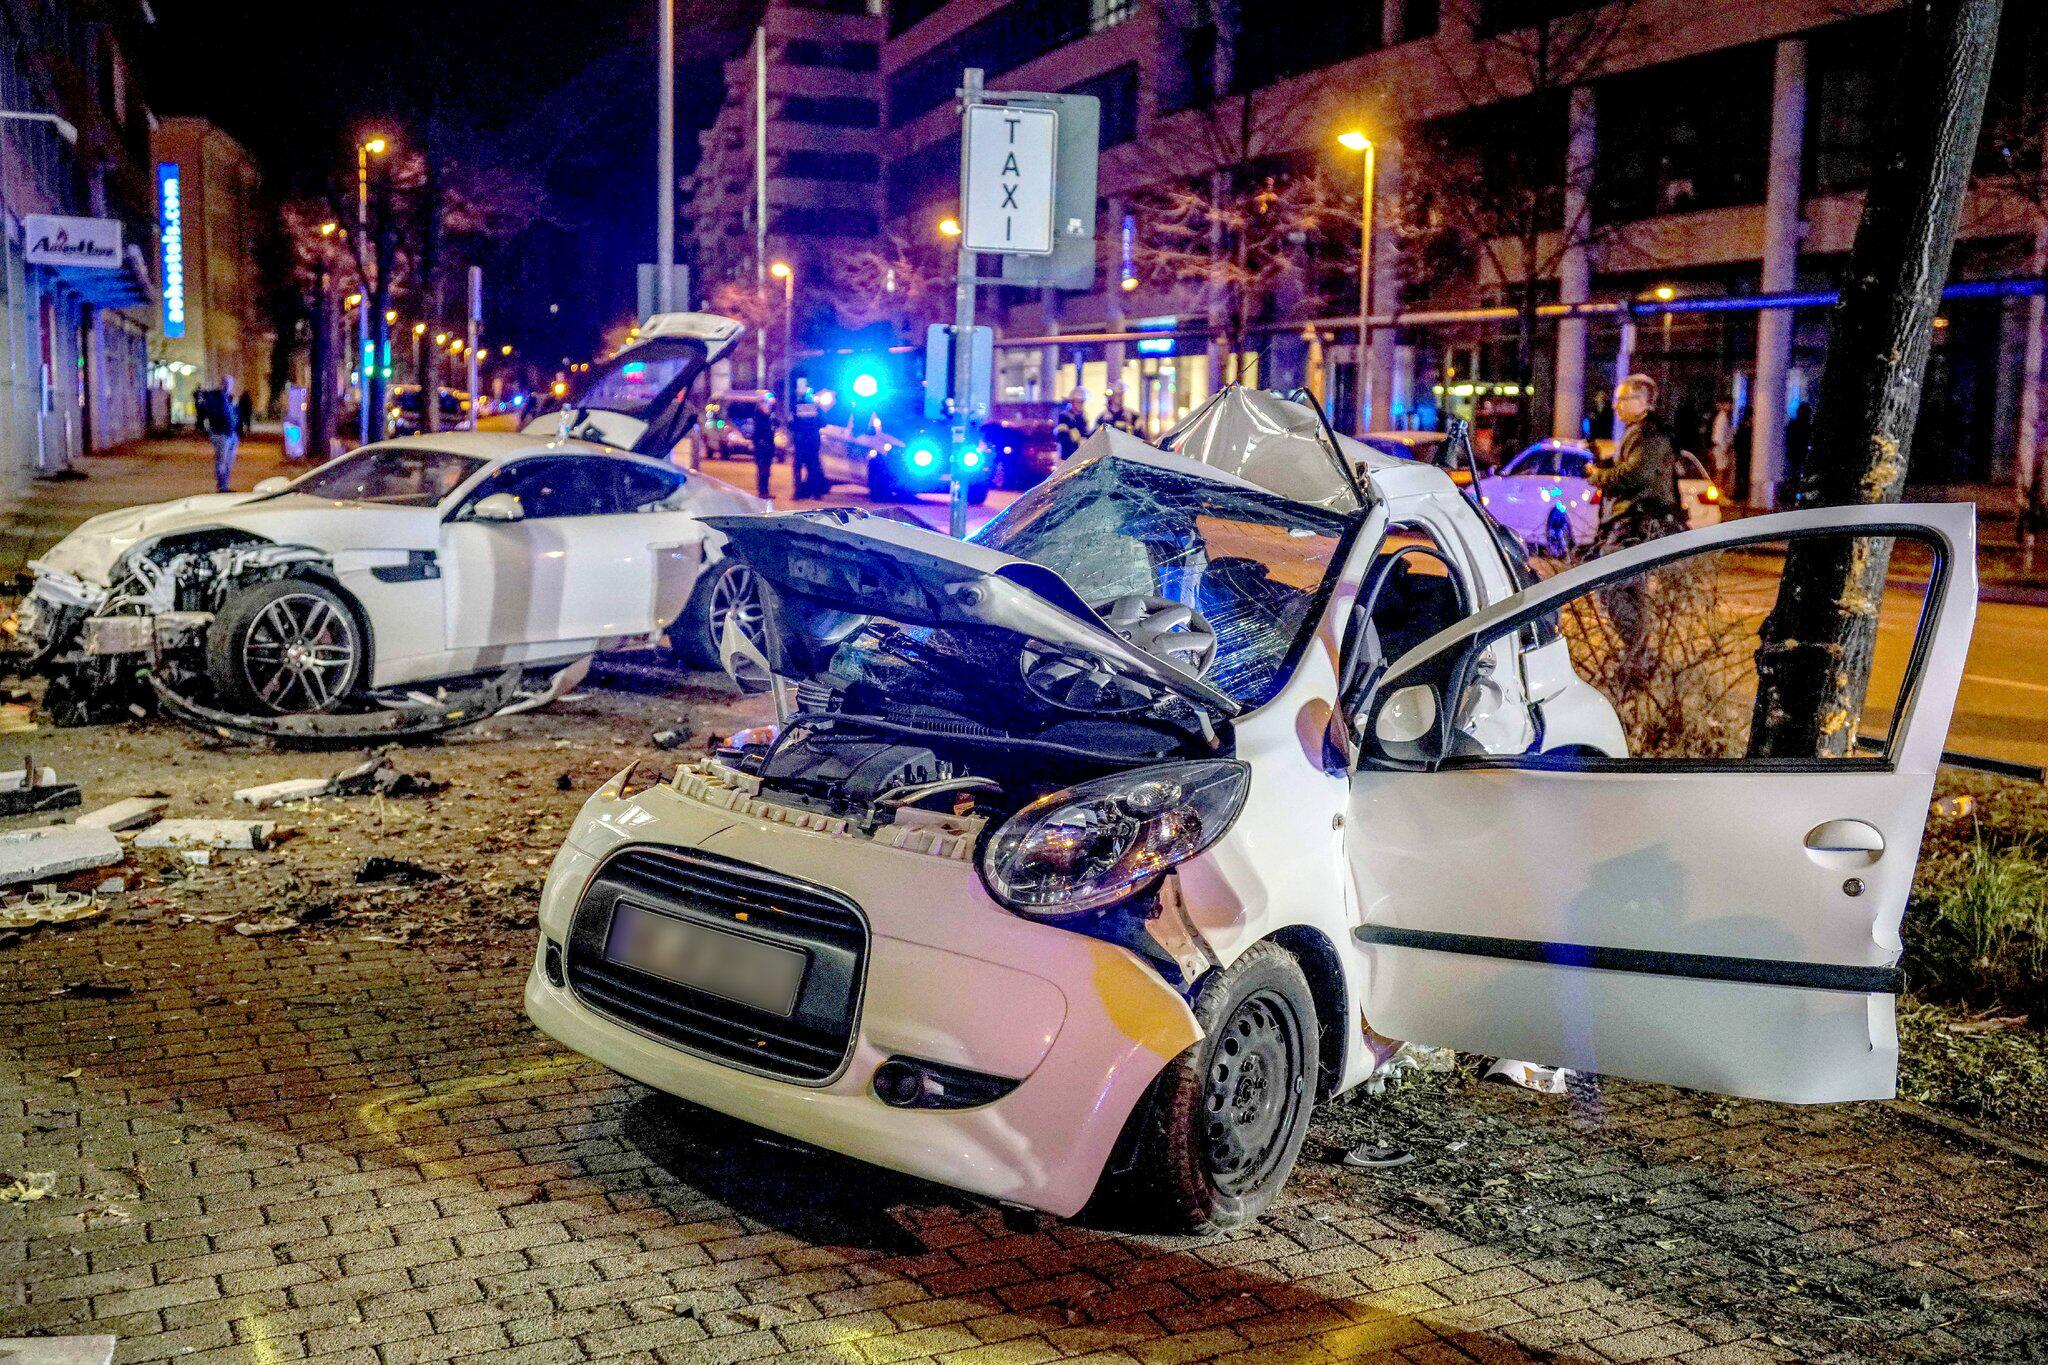 Bild zu Anklage wegen Mordes nach tödlichem Sportwagenunfall